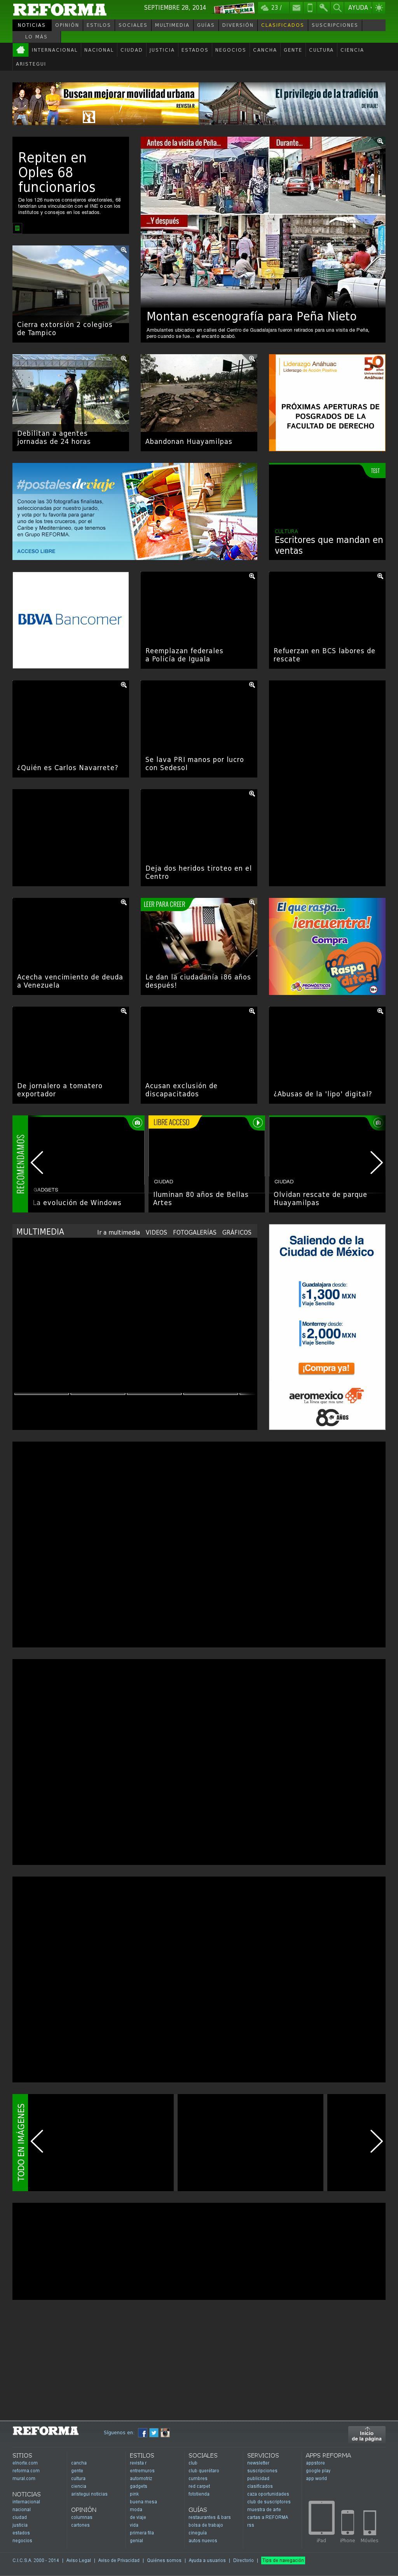 Reforma.com at Sunday Sept. 28, 2014, 11:13 a.m. UTC